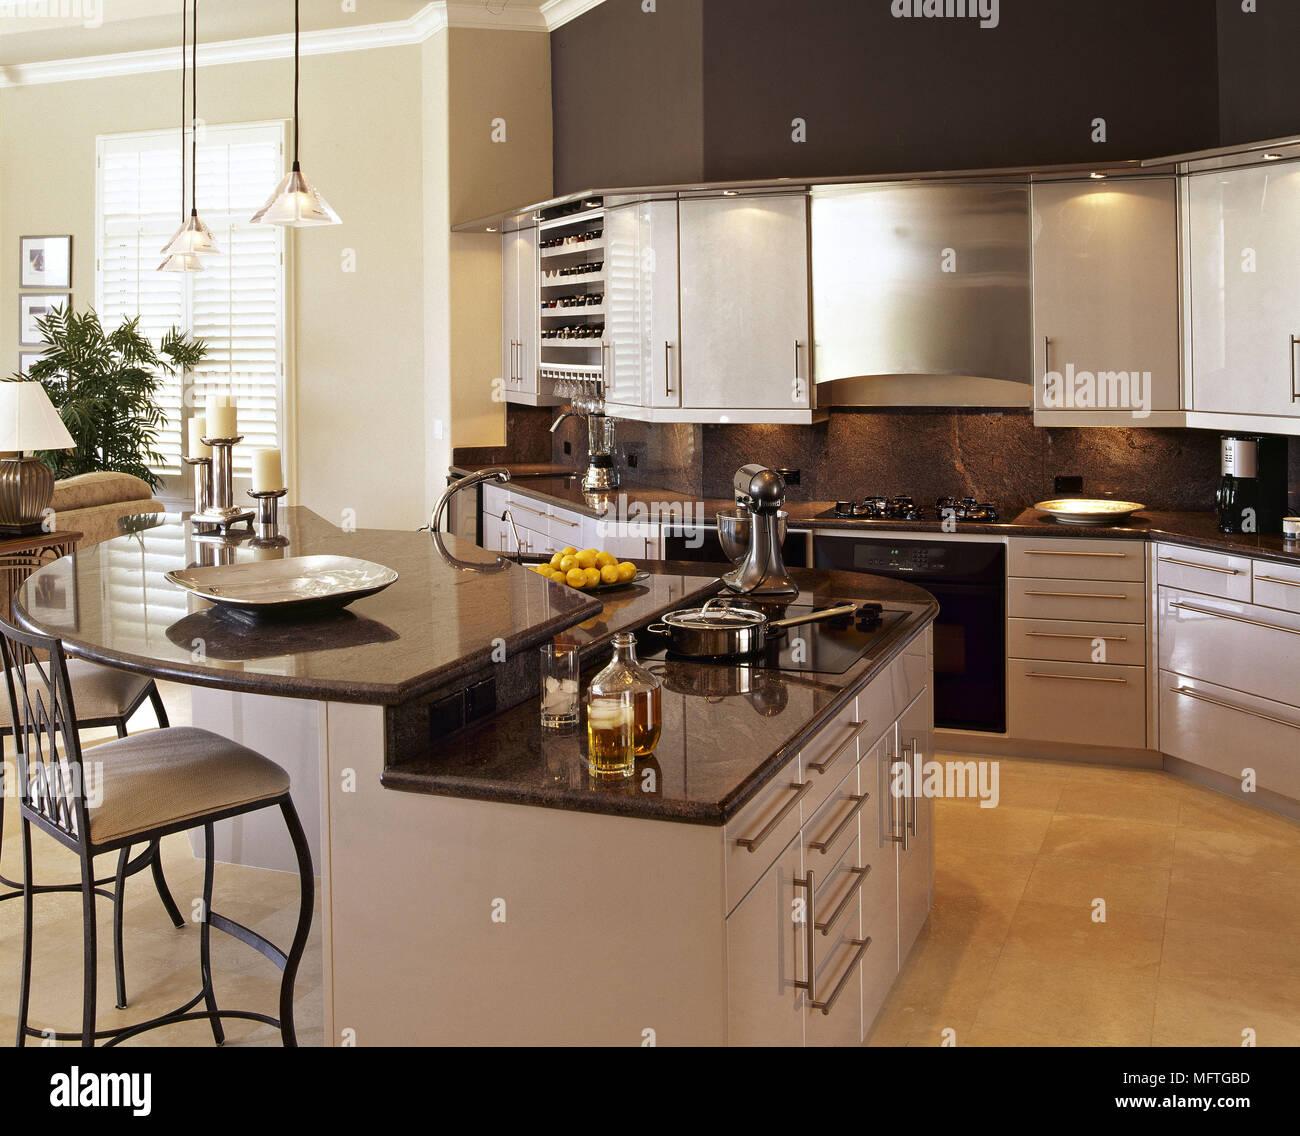 Modern open plan cucina con isola centrale unità e granito nero del ...